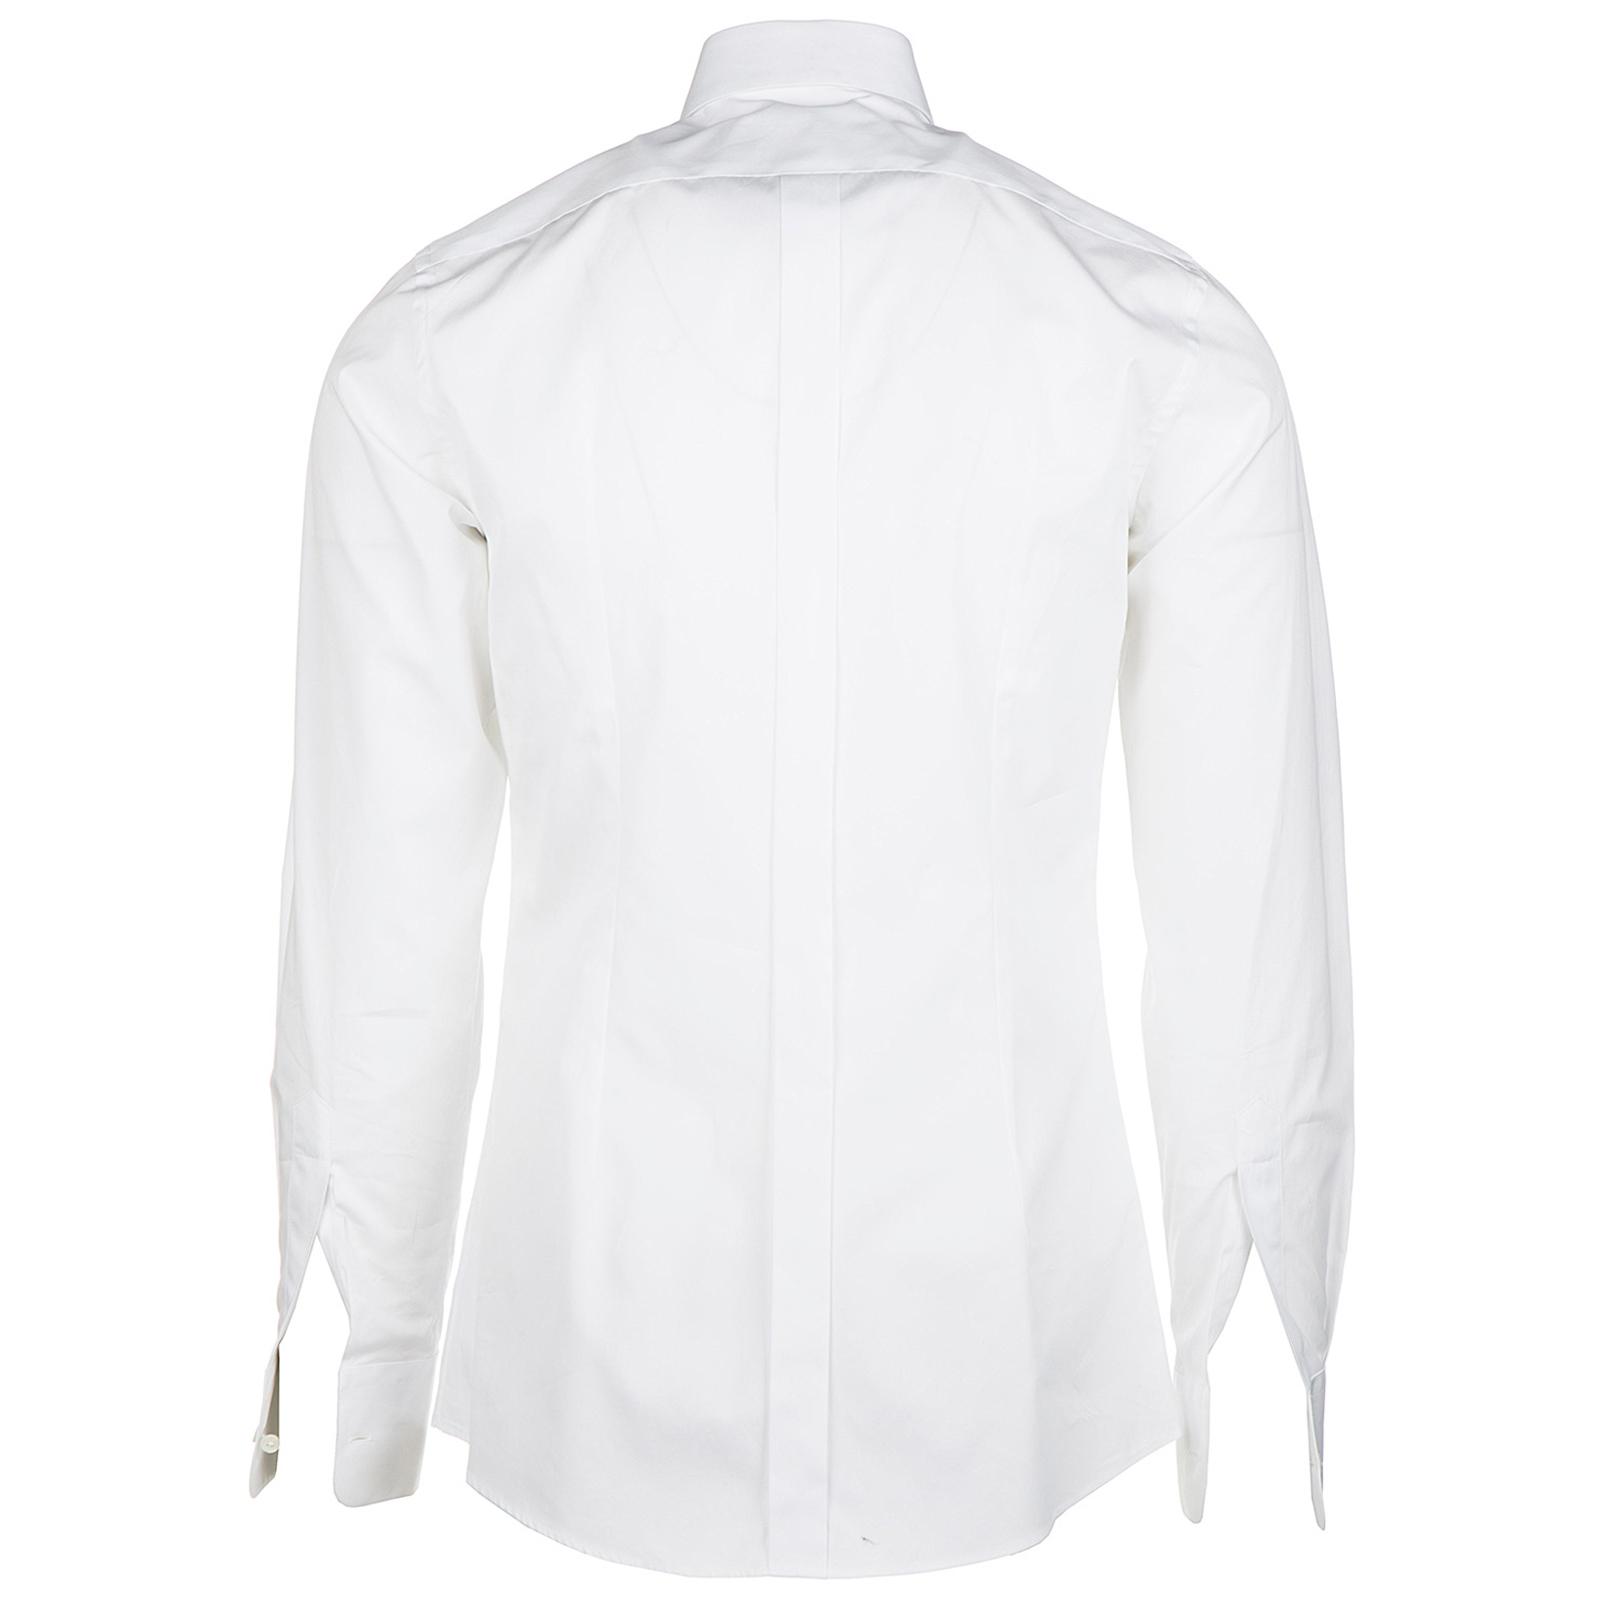 Herrenhemd hemd herren langarm langarmhemd